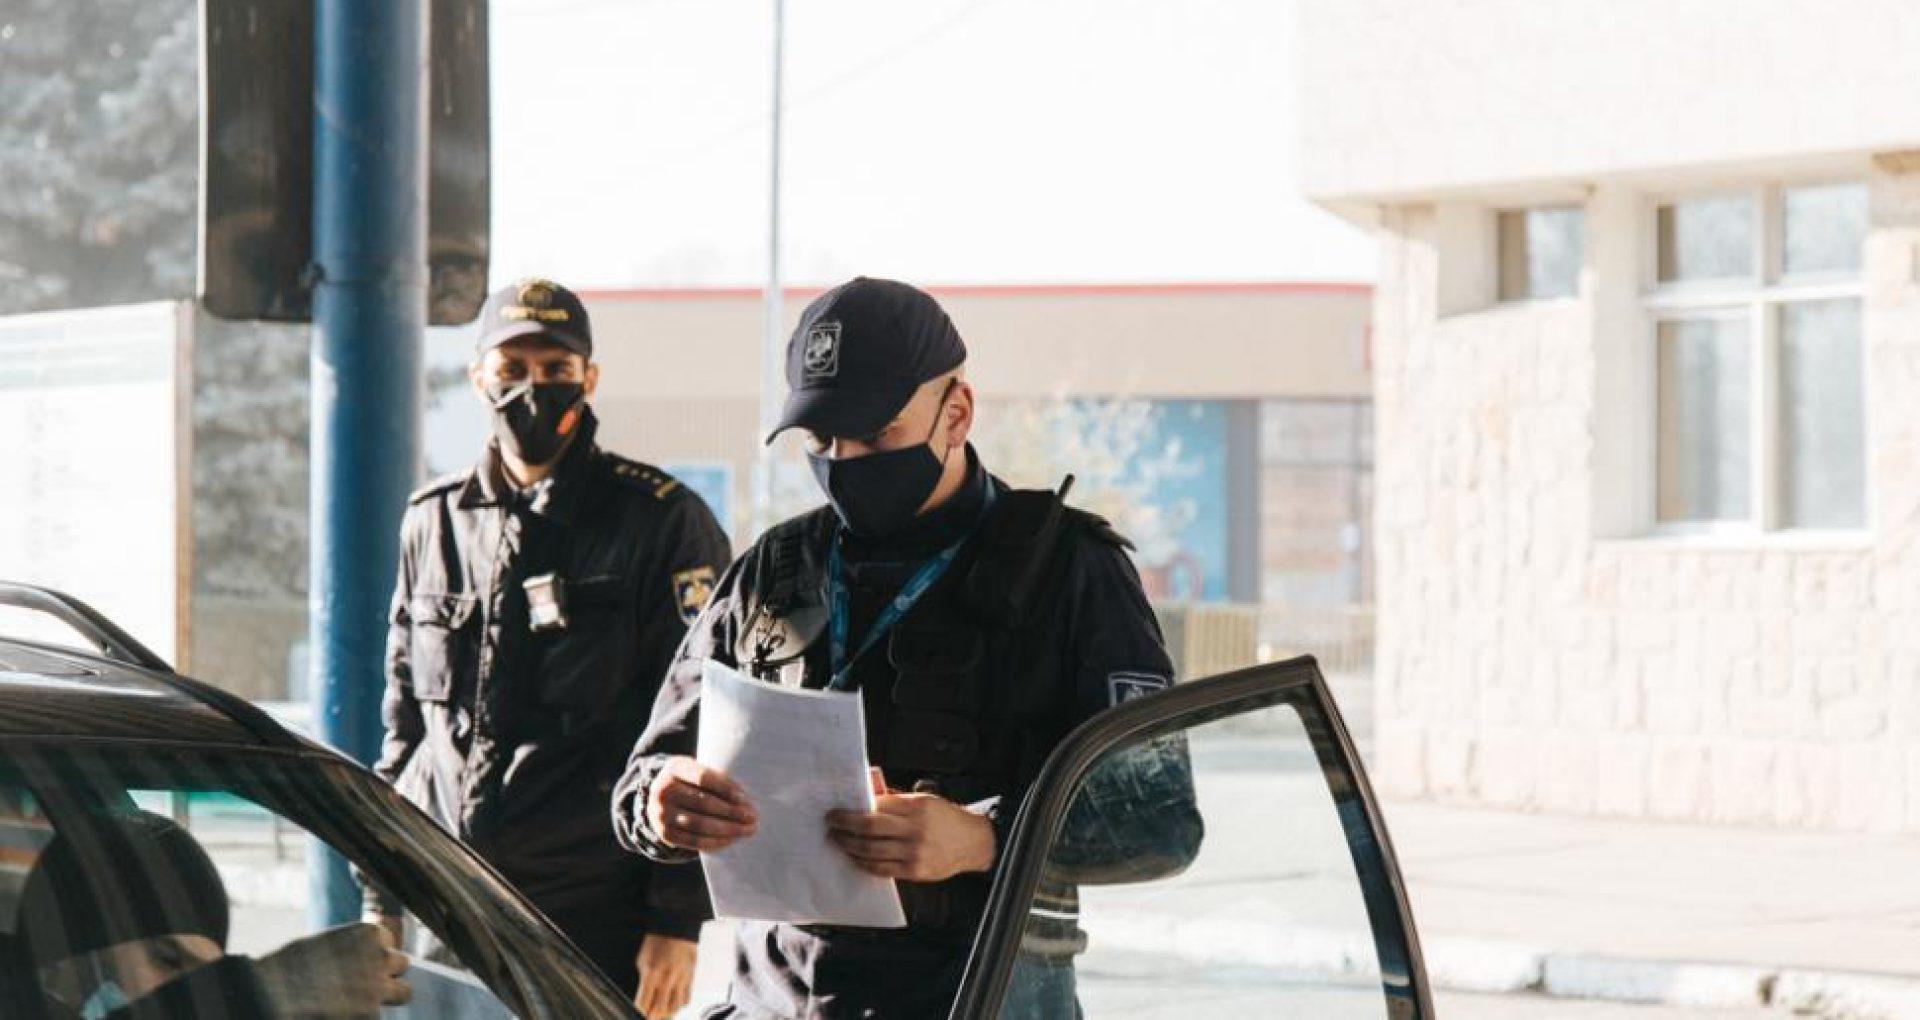 Trafic ilegal de bunuri, documente false și încălcarea regimului zonei de frontieră. Situația la frontieră, în ultimele 24 de ore